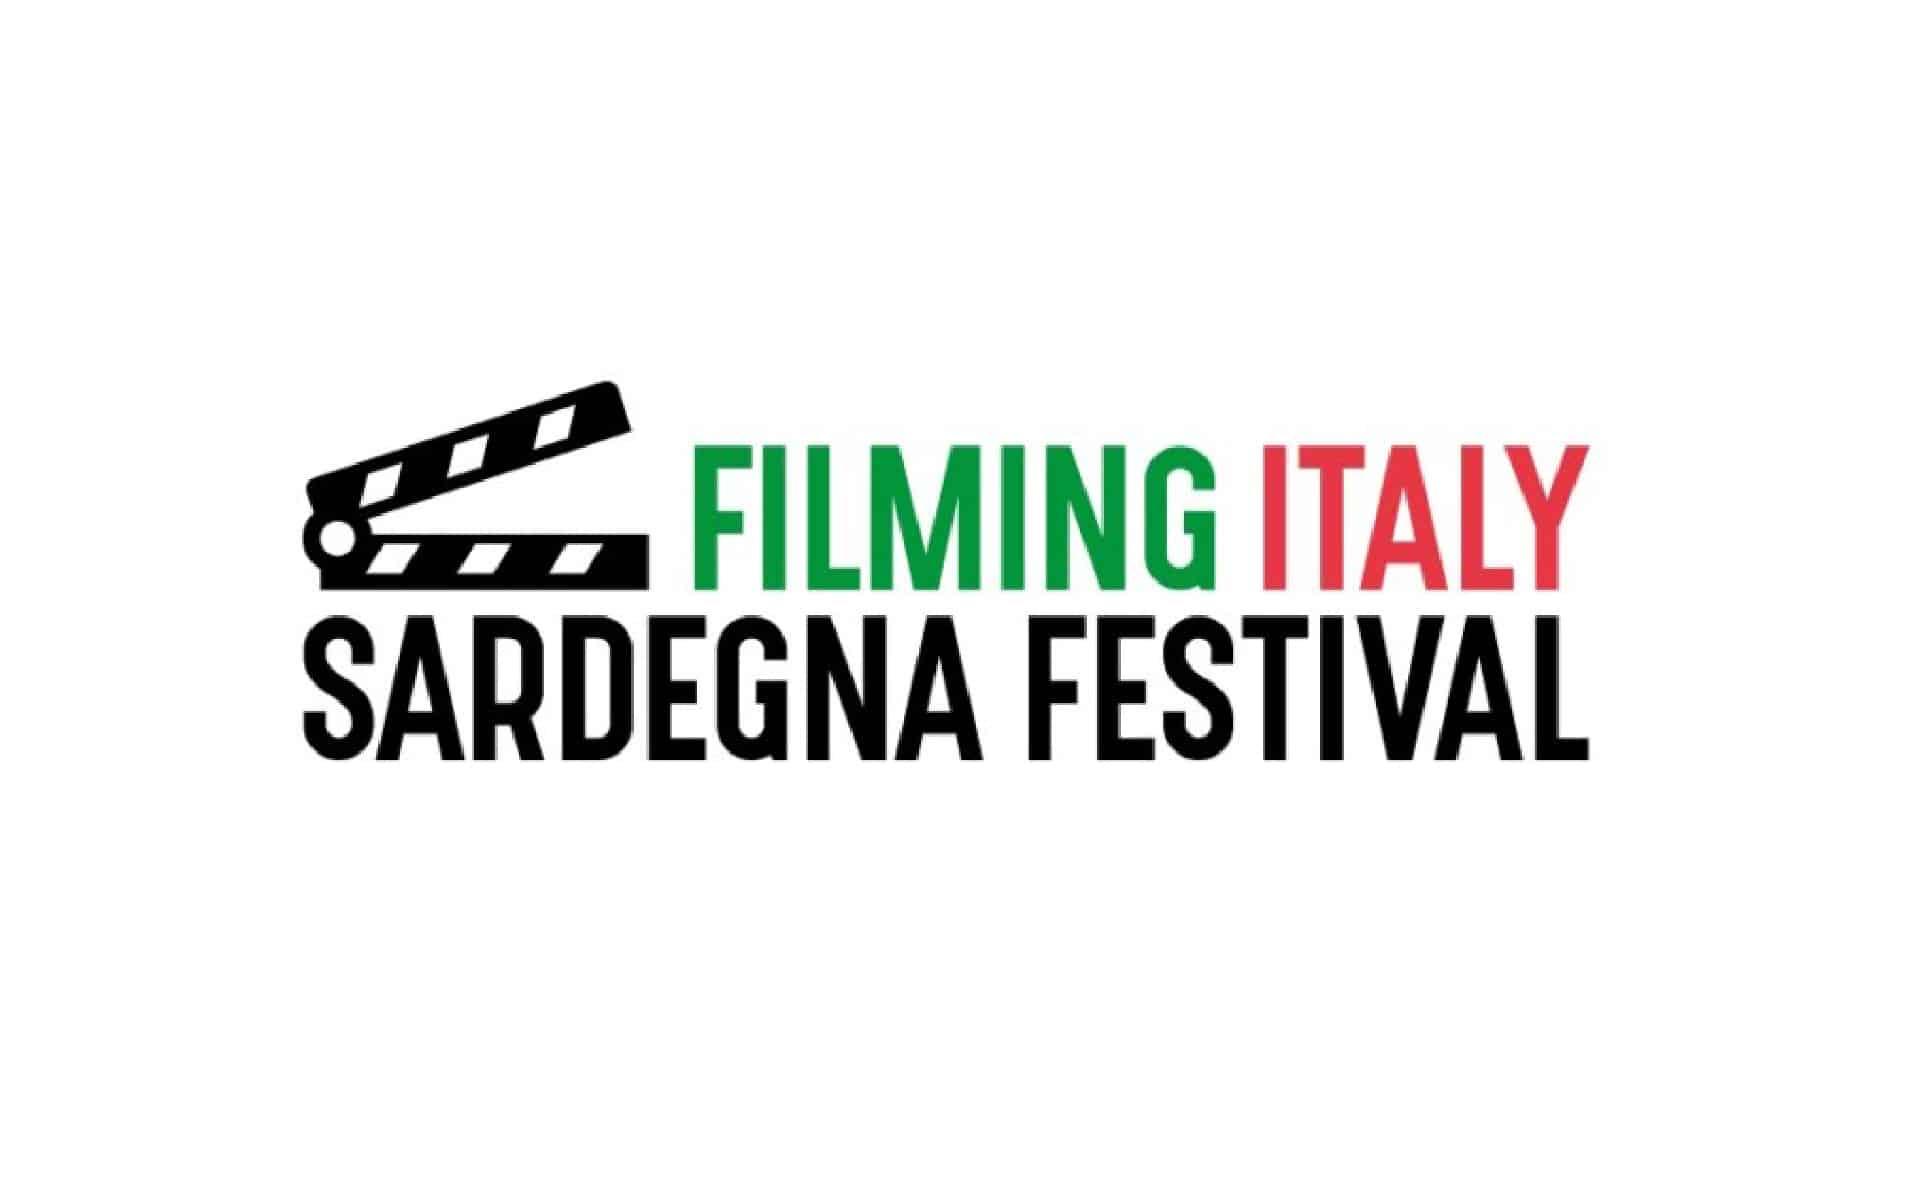 Filming Italy Sardegna Festival: dal 22 al 26 luglio a Cagliari